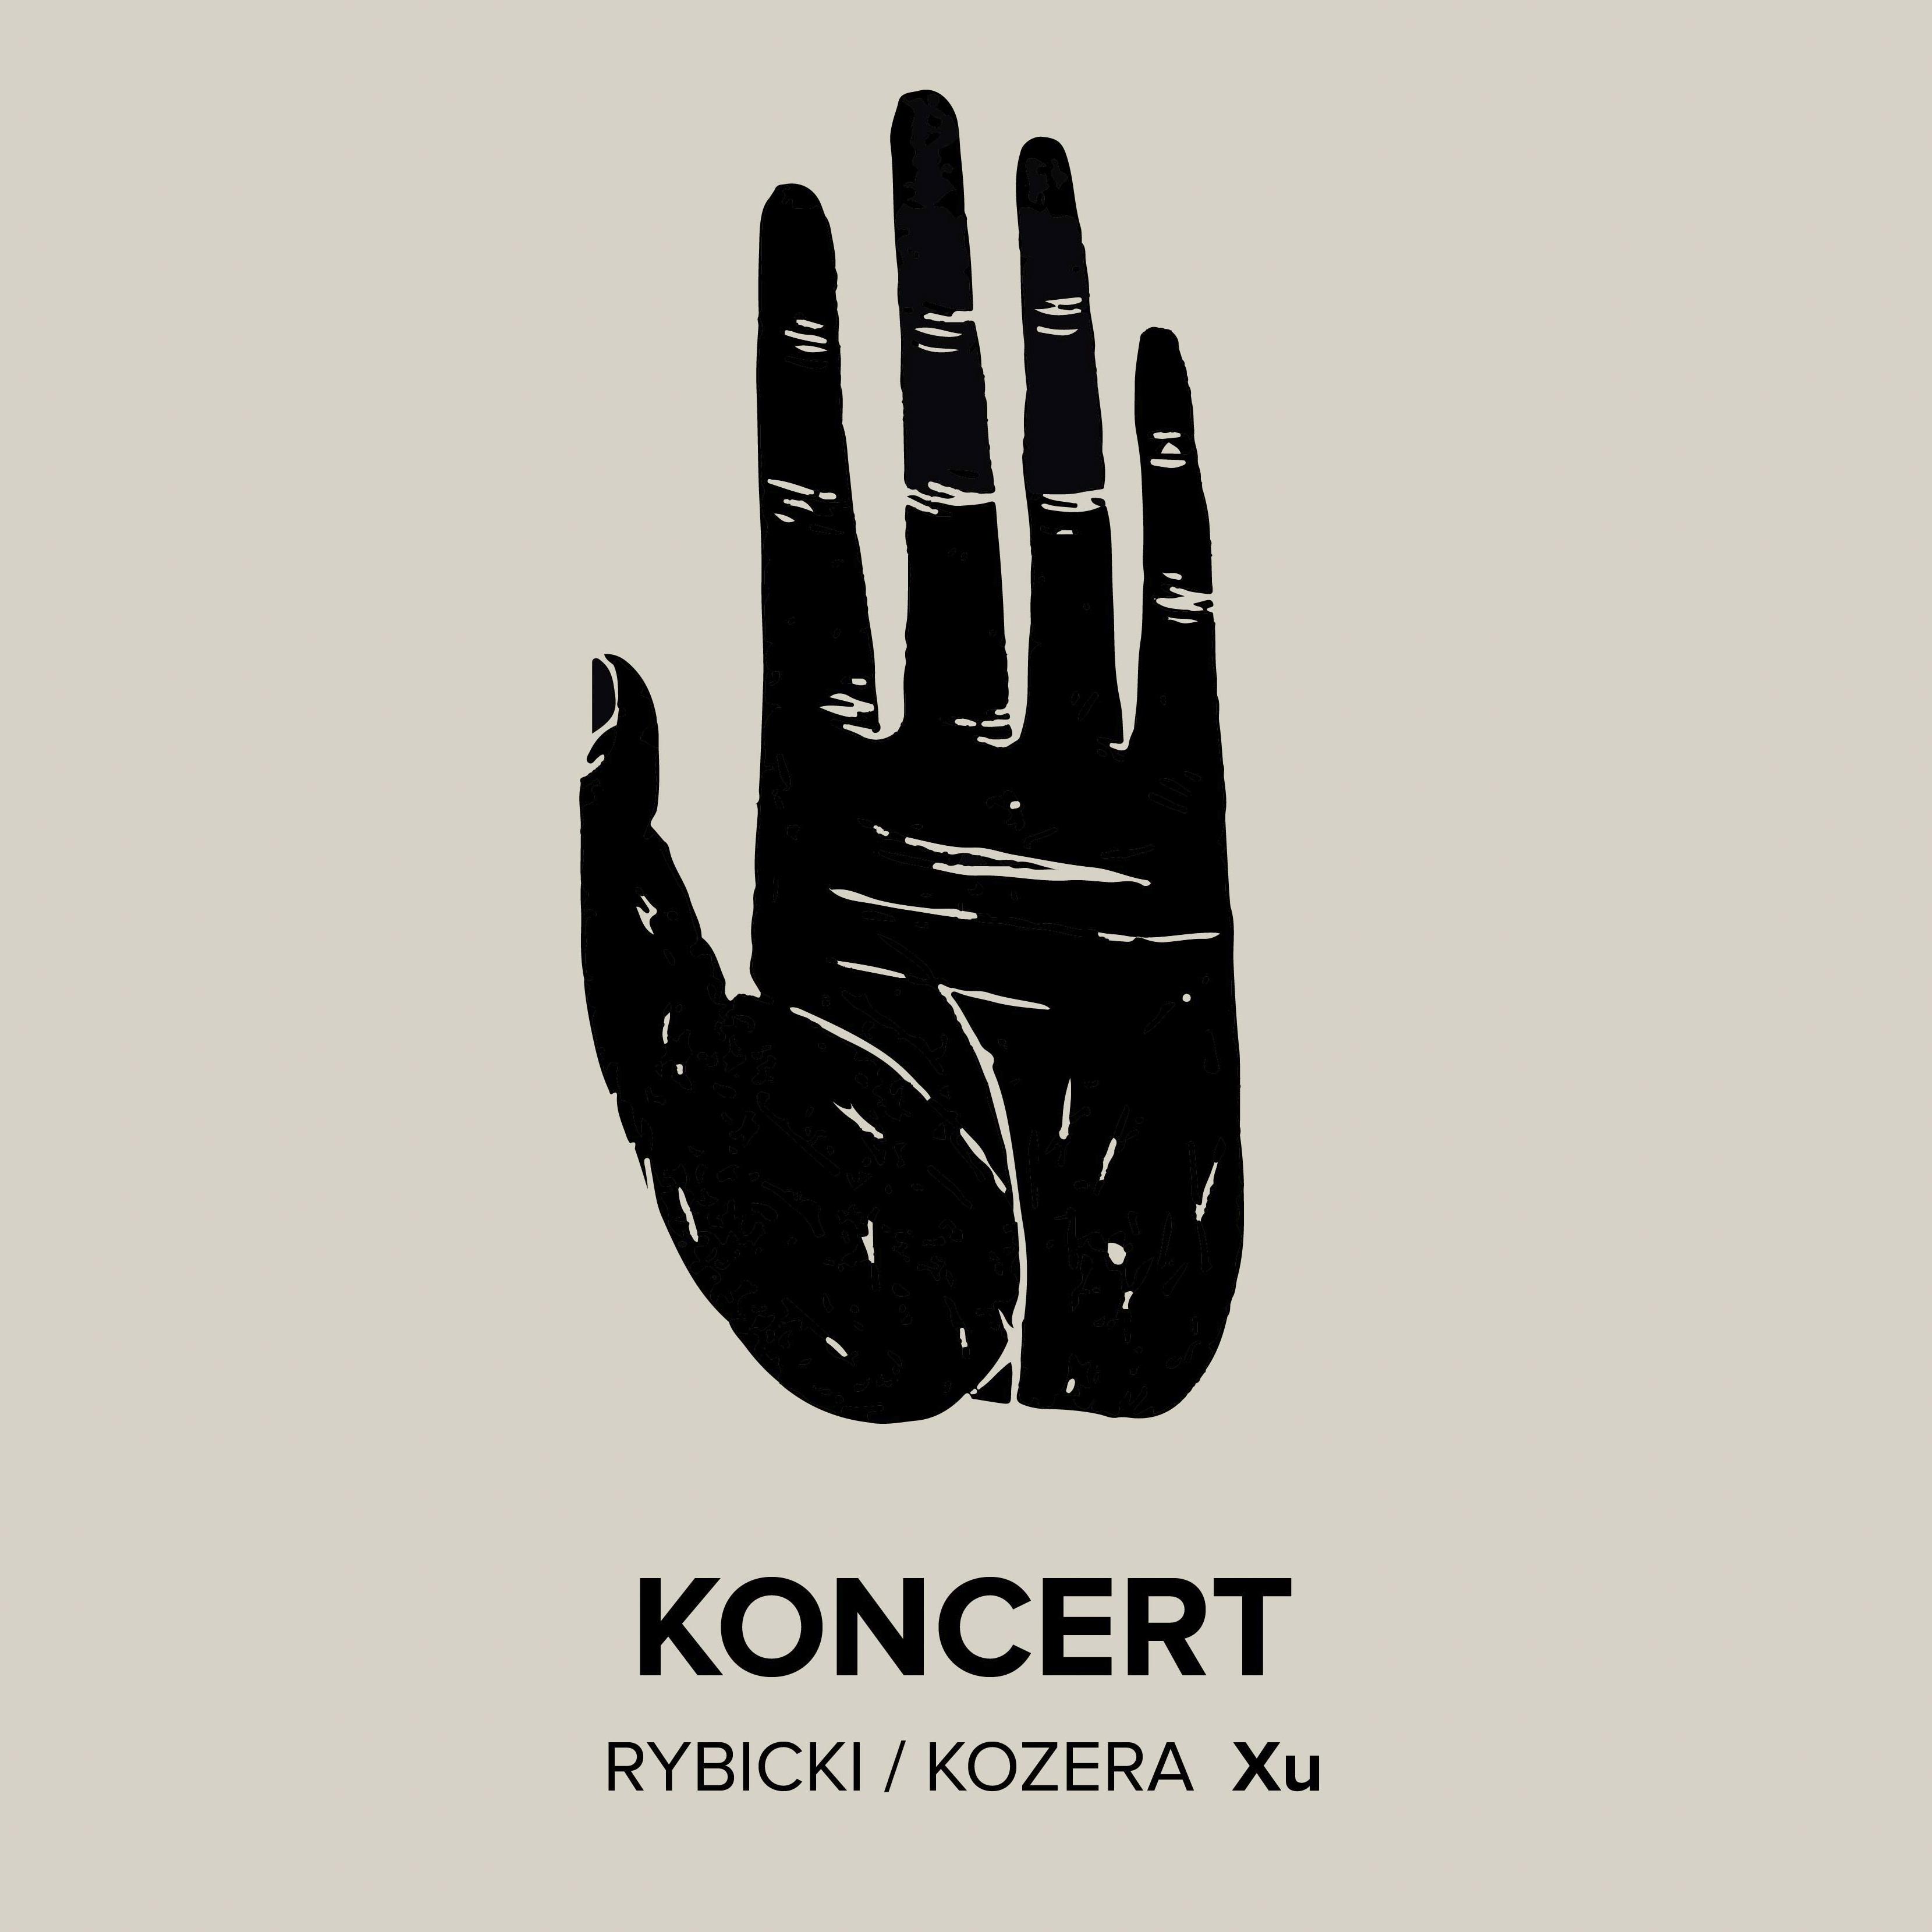 Dzień Wolnej Sztuki. Koncert. Rybicki/Kozera